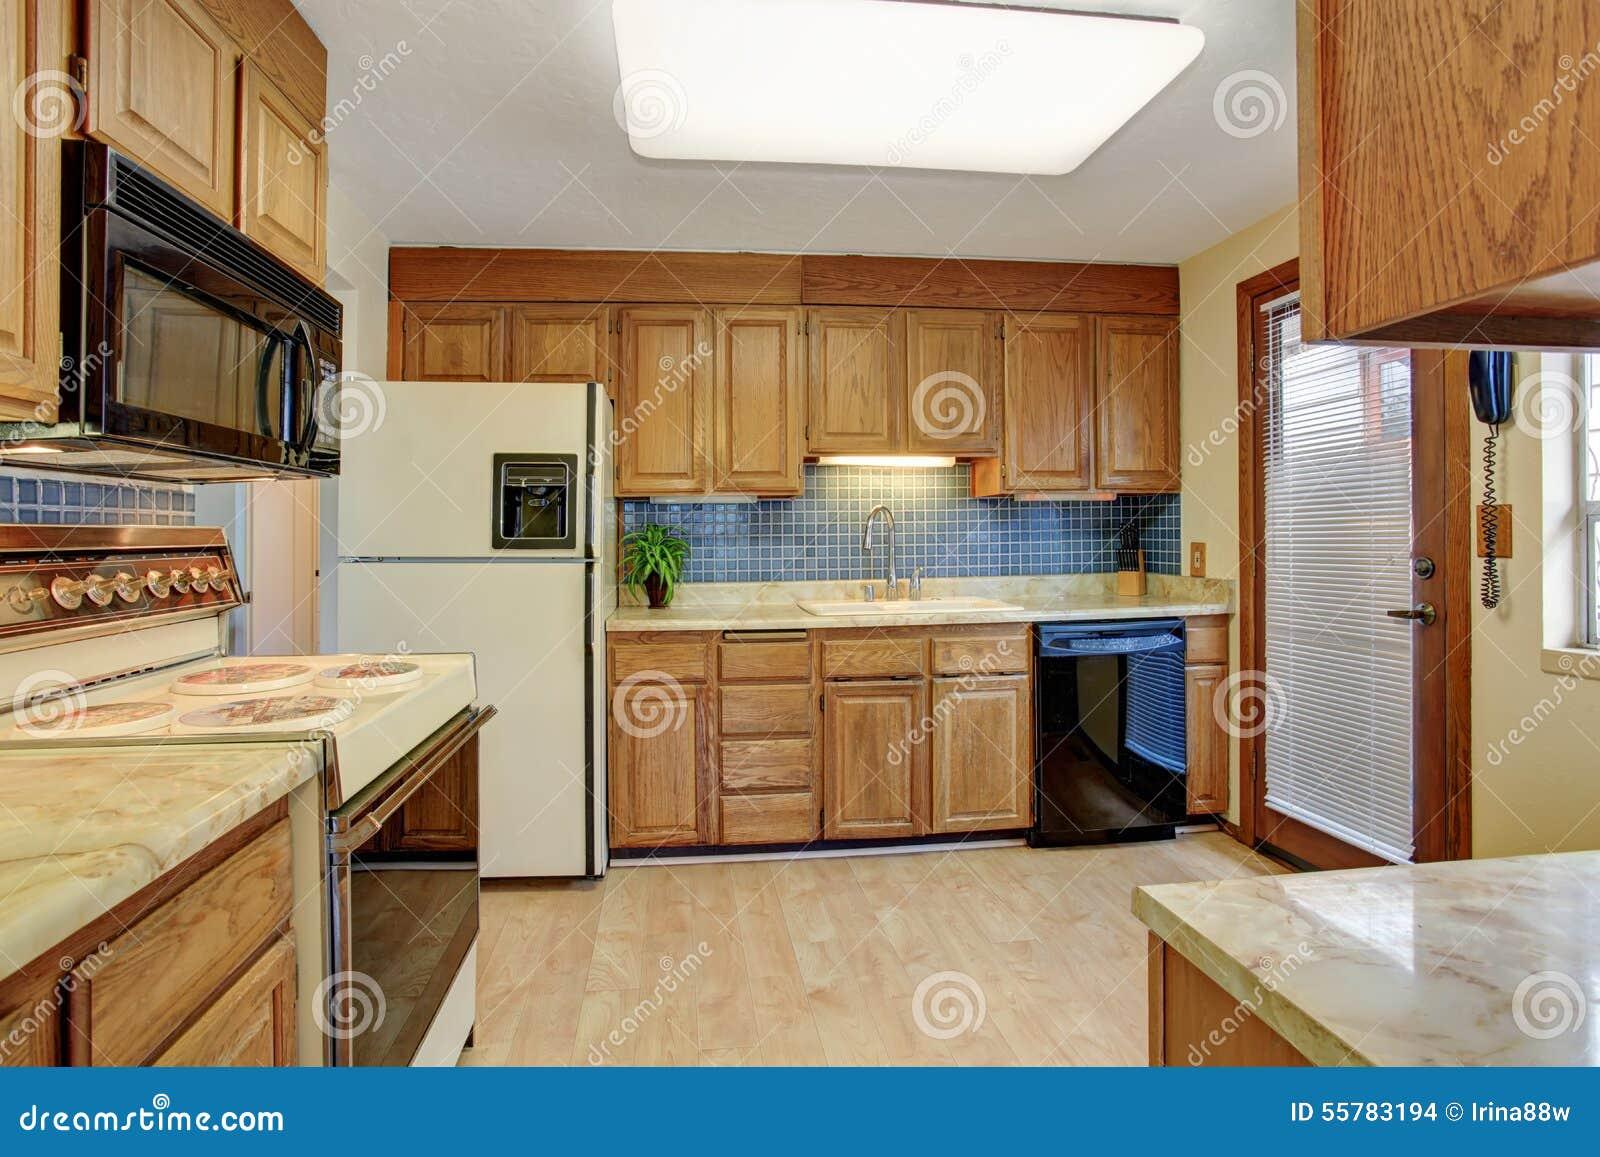 Plancher cuisine bois cuisine aire ouverte les id es de for Cuisine plancher bois